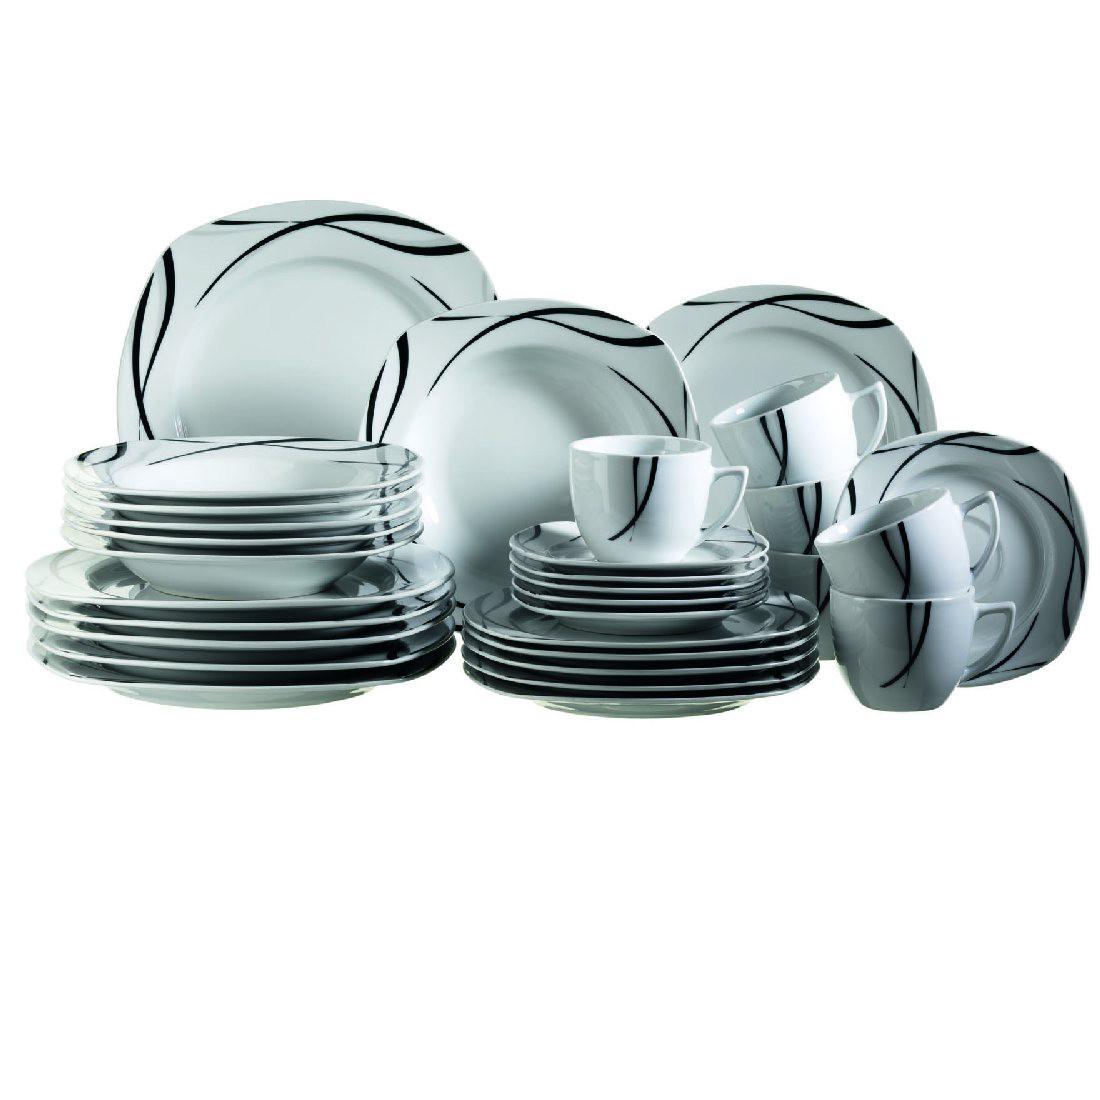 Serviesset oslo - Vaisselle design pas cher ...